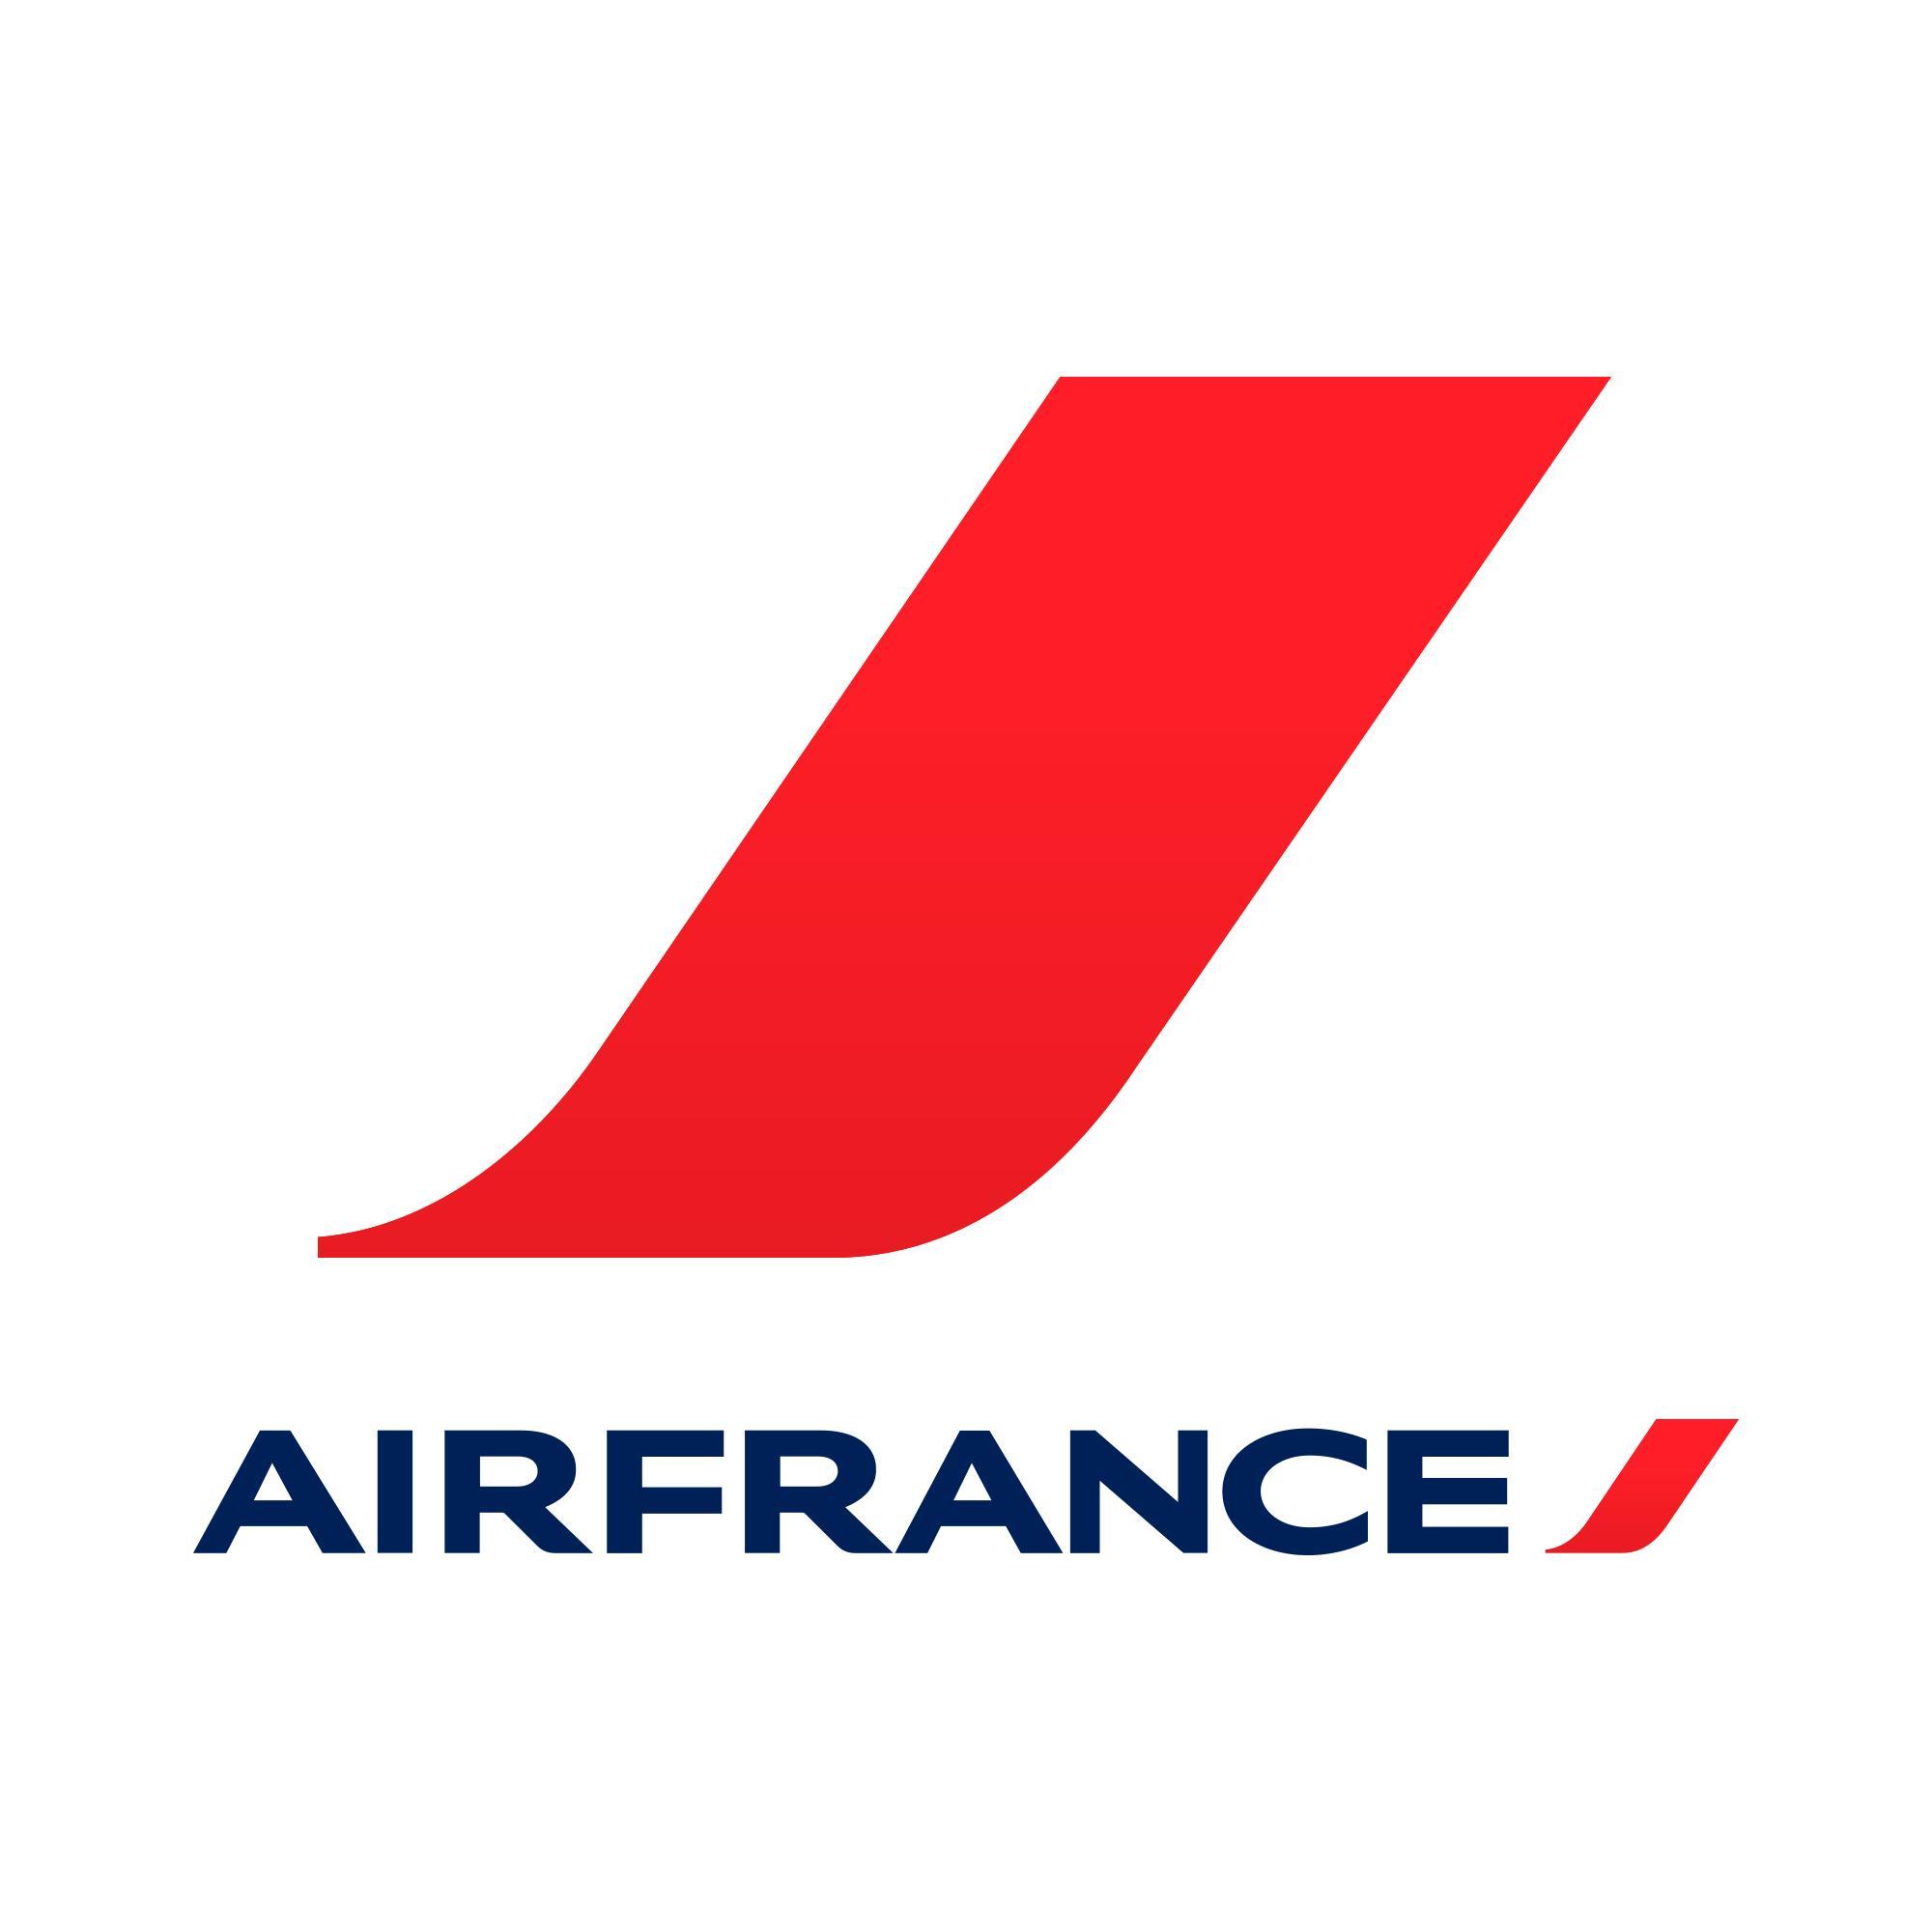 27€ de réduction sur les vols en Europe, en Afrique, en Asie, aux Amériques et au Moyen-Orient